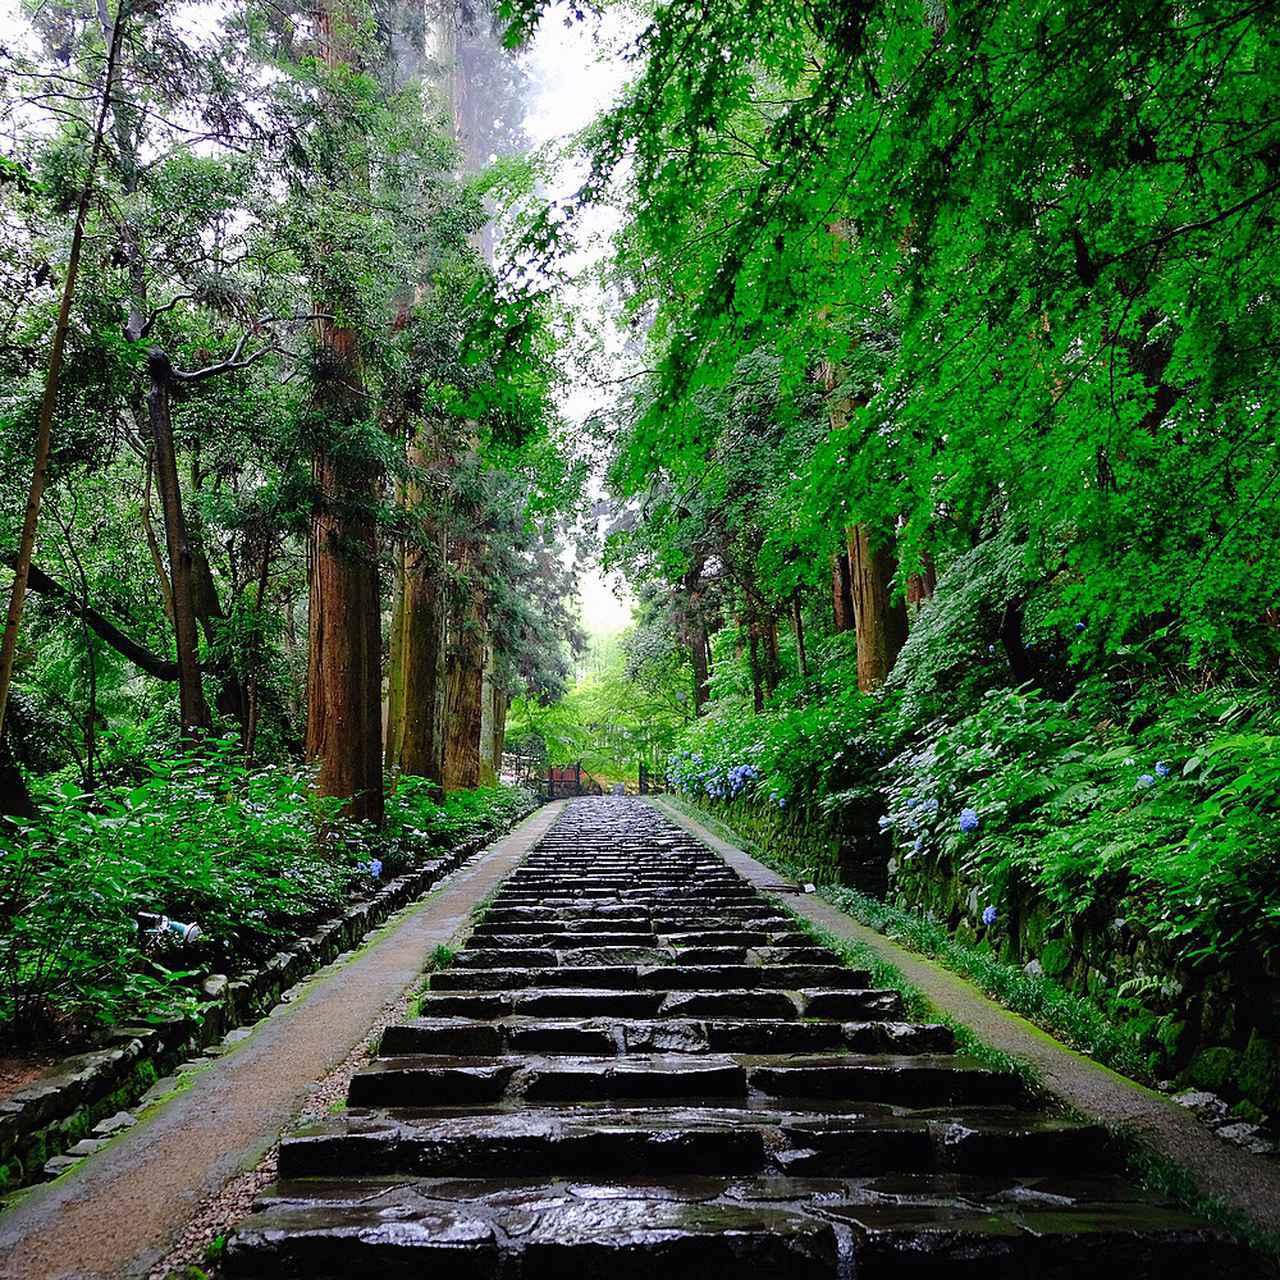 画像: 瑞鳳殿へと向かう参道は階段です。樹齢380年余ともいわれる杉の大木が左右に迎えてくれます。